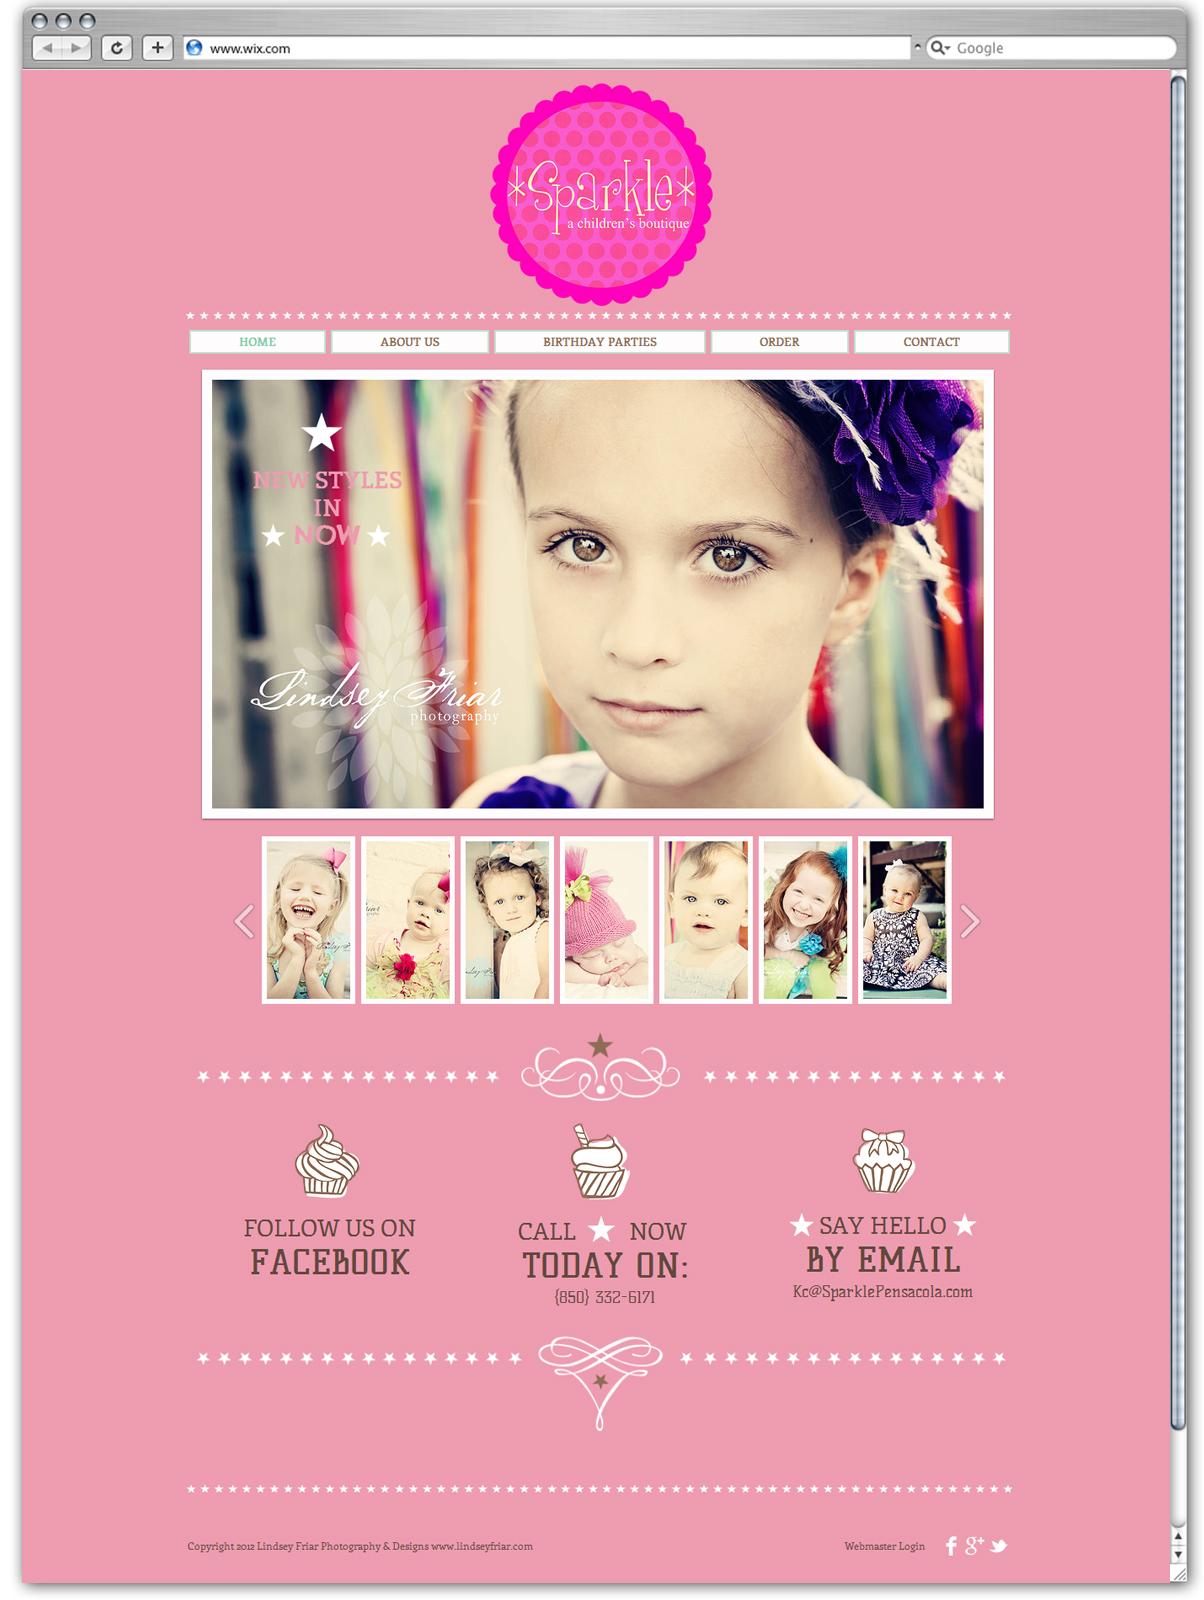 Sparkle | a Children's Botique